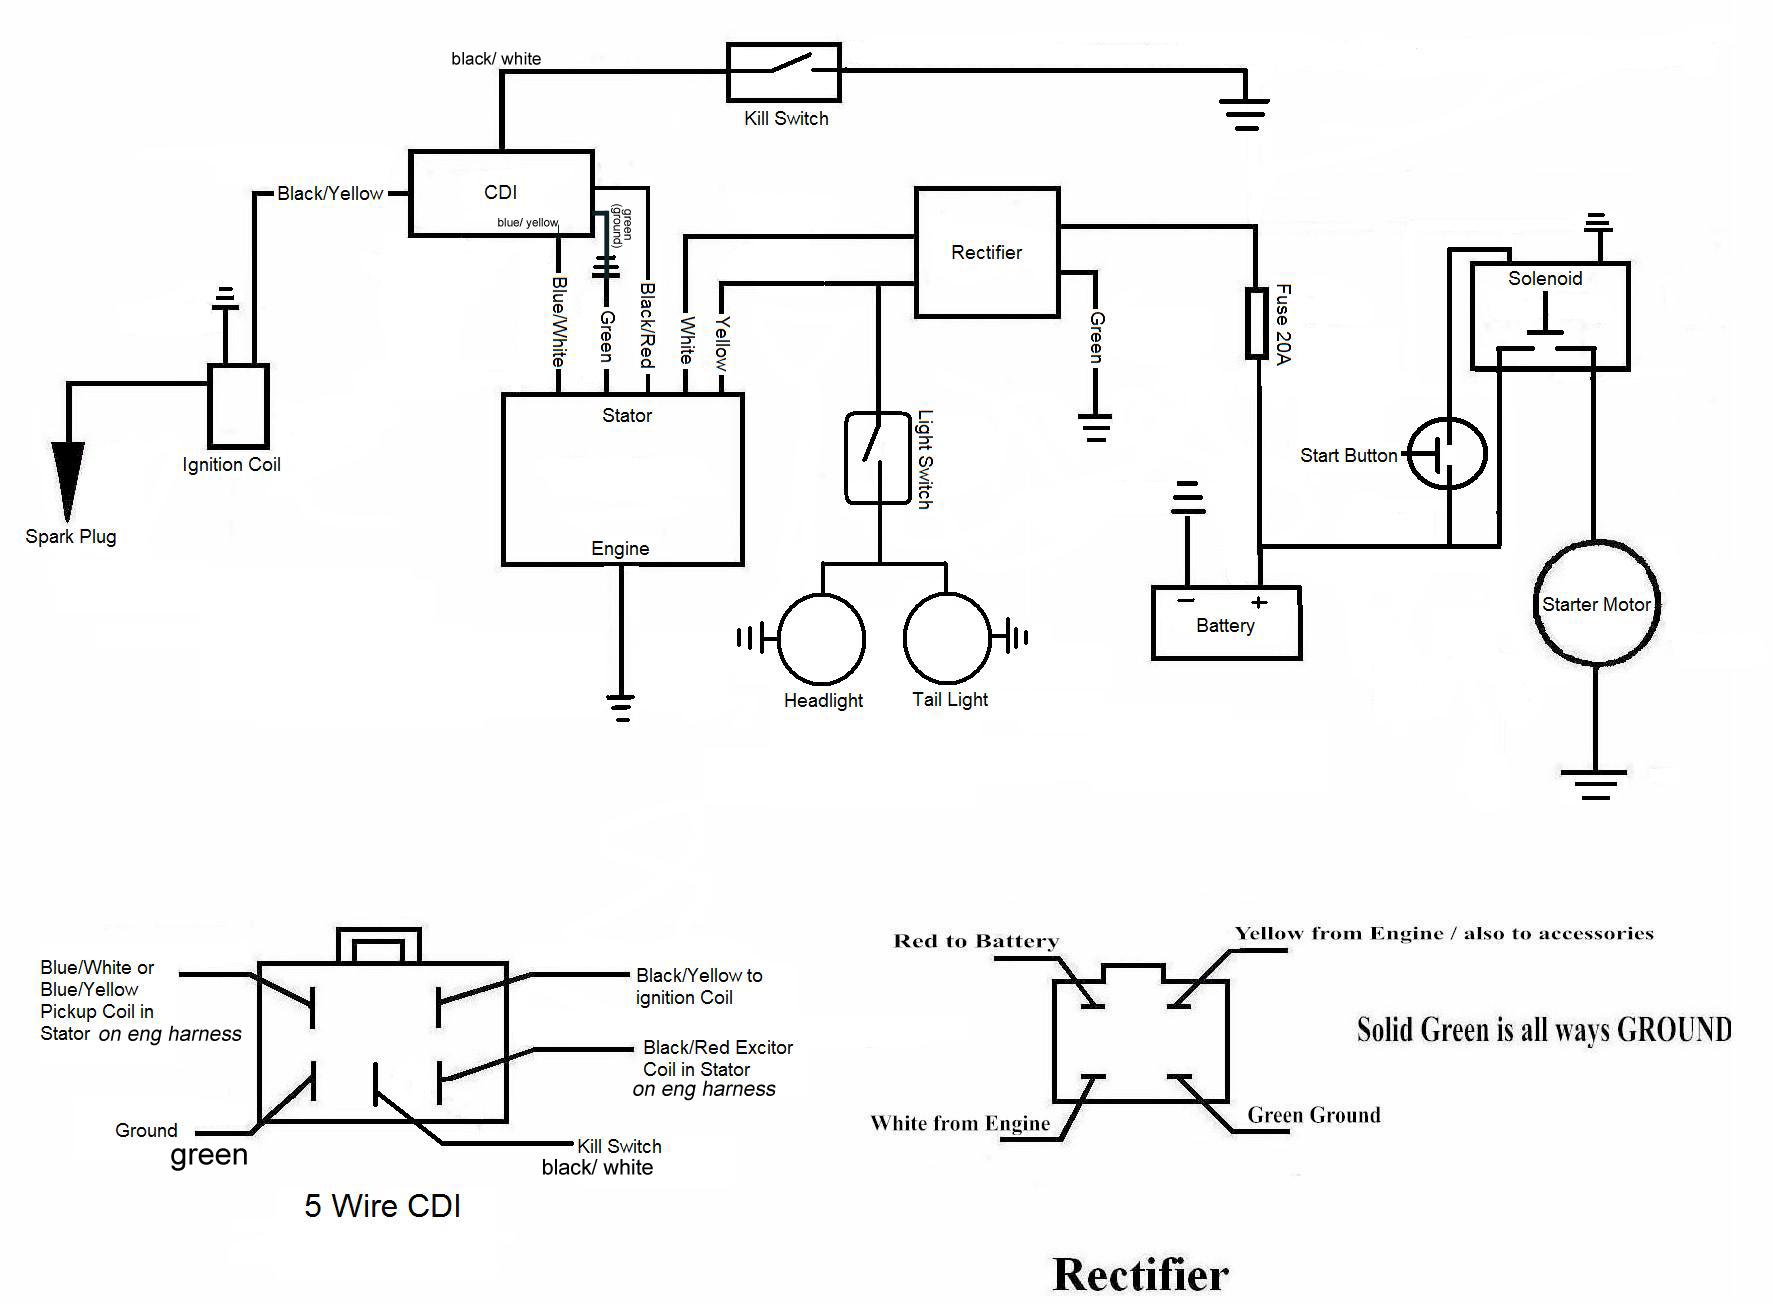 Lifan Mini Chopper Wiring Diagrams Custom Diagram Loncin Imageresizertool Com Basic